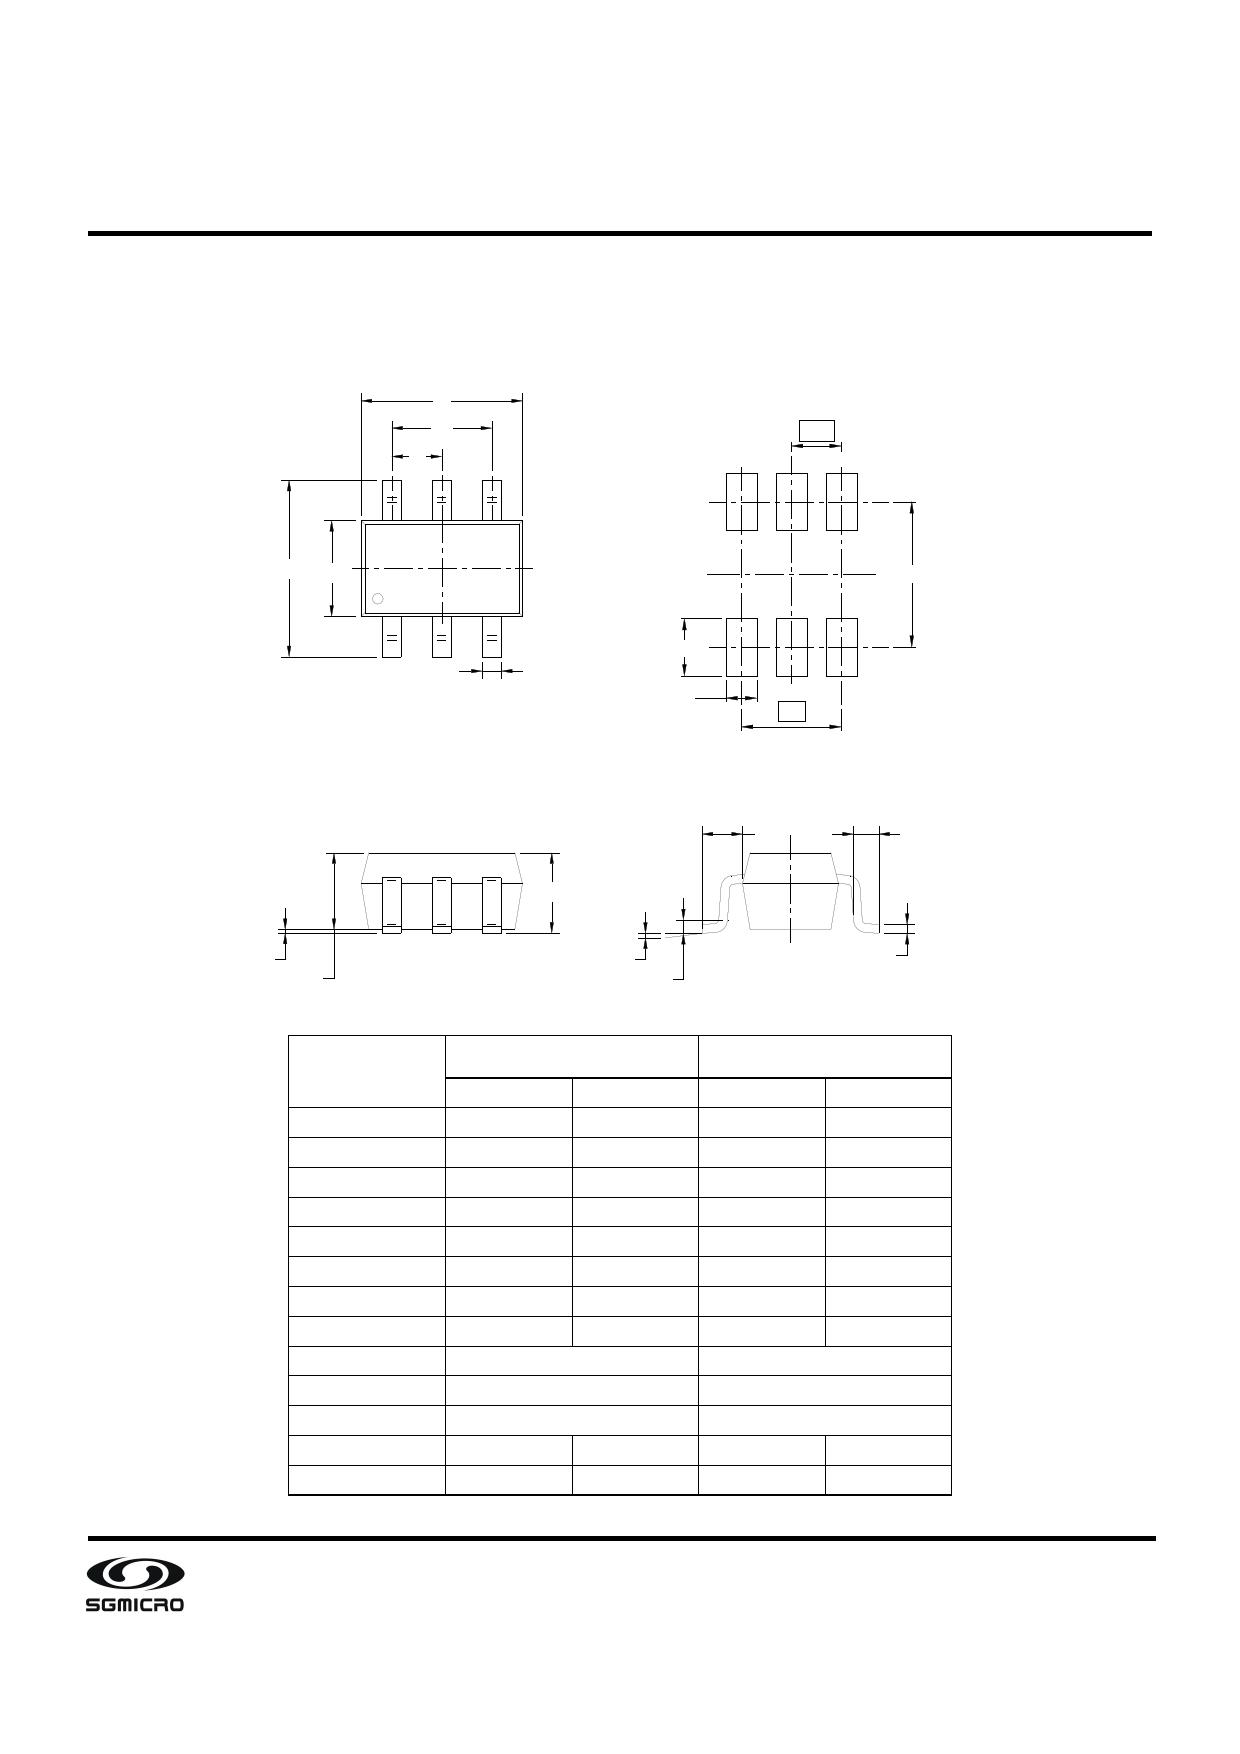 SGM9121 diode, scr